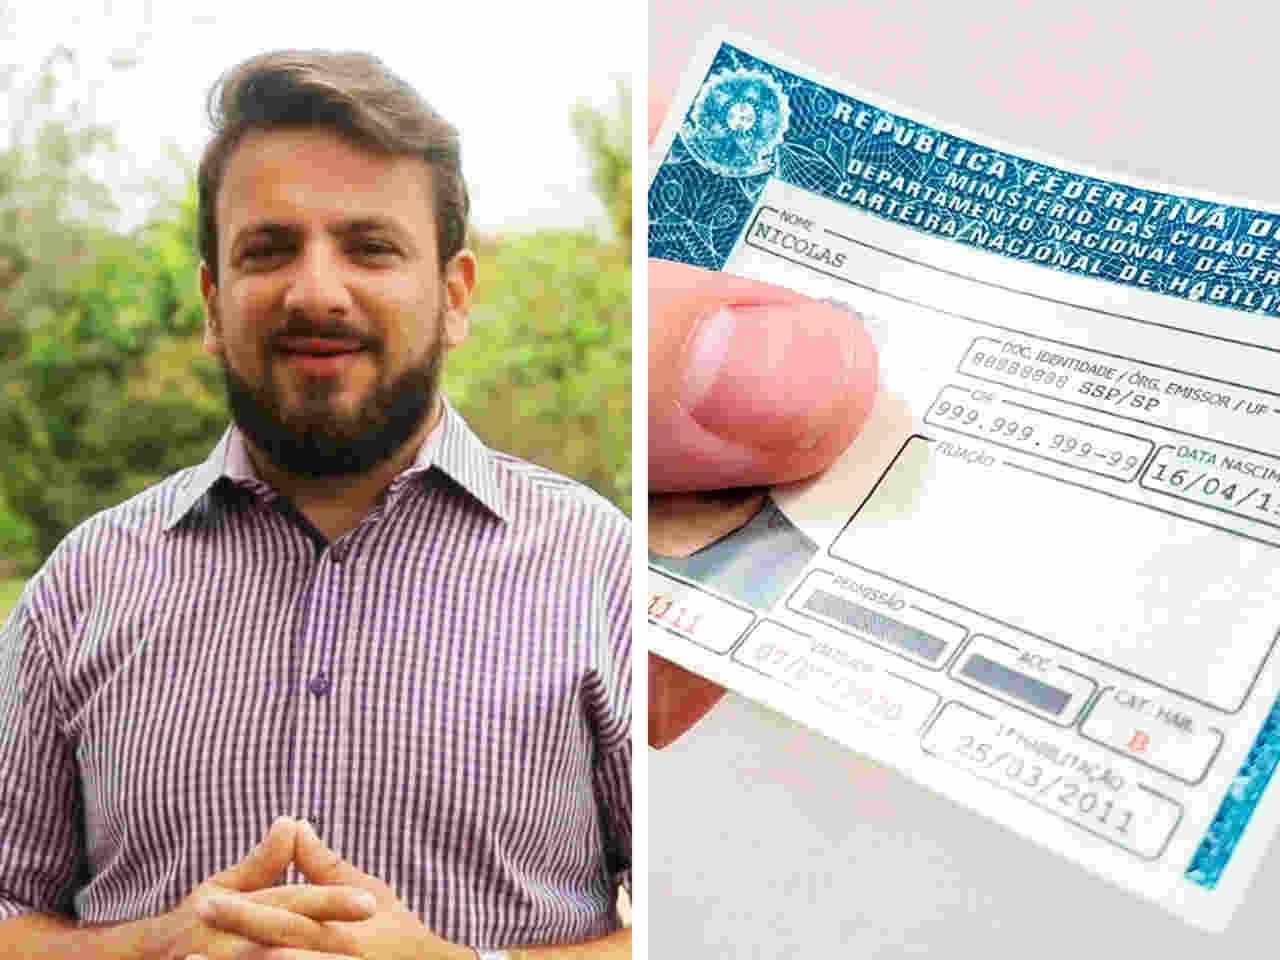 Candidato a deputado quer implantar a CNH gratuita em Goiás | Foto: Divulgação